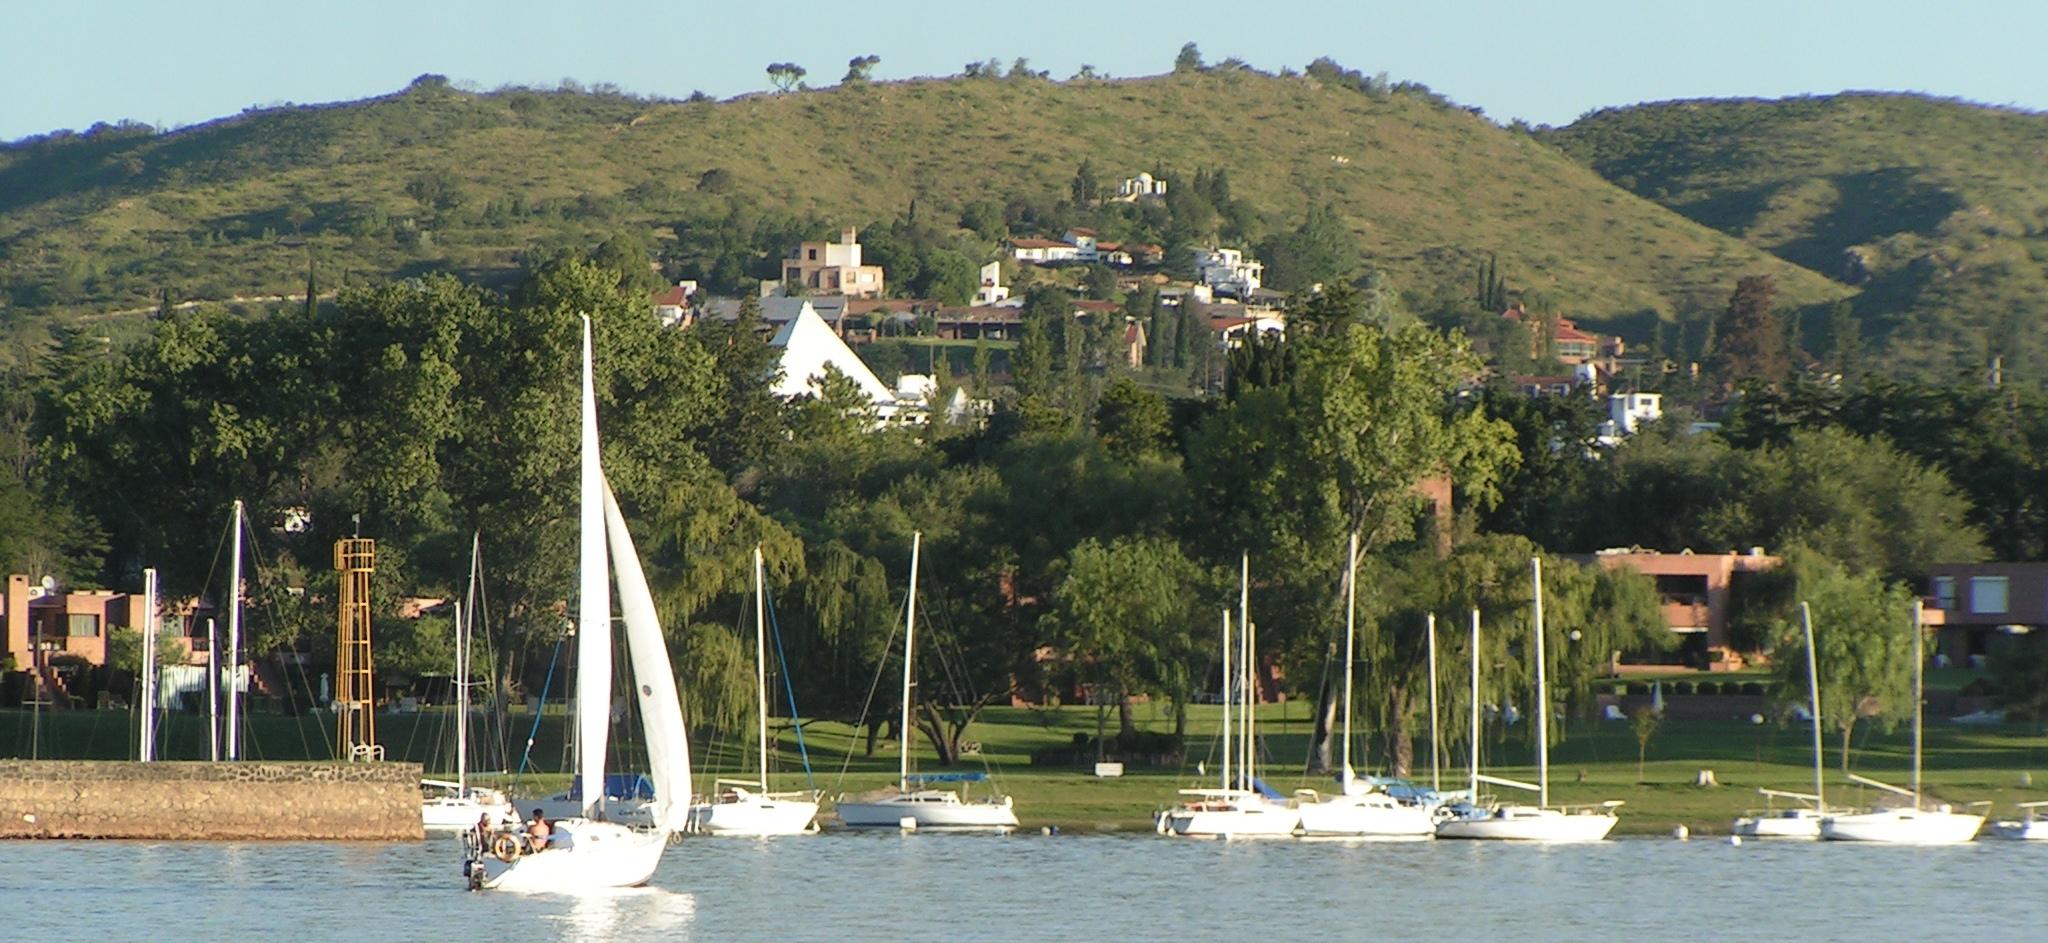 Villa Carlos Paz Argentina  city photos : Carlos Paz recibió 100 mil turistas más que en la primera quincena ...